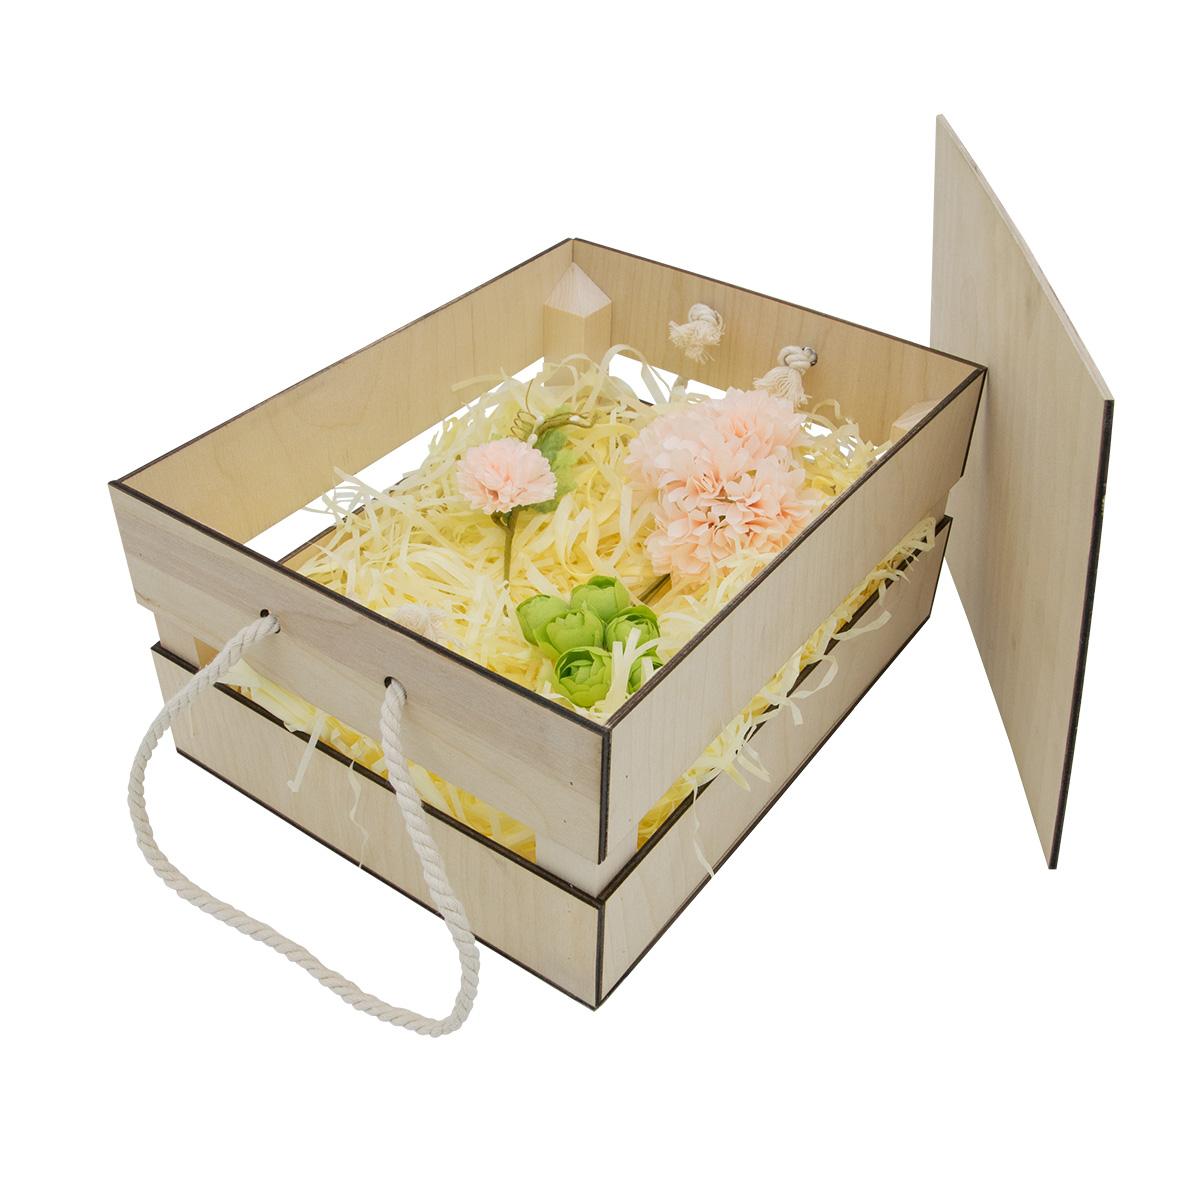 НА-022 Набор для оформления подарка 'Нежно-розовый', ящик 25*20 см, белый